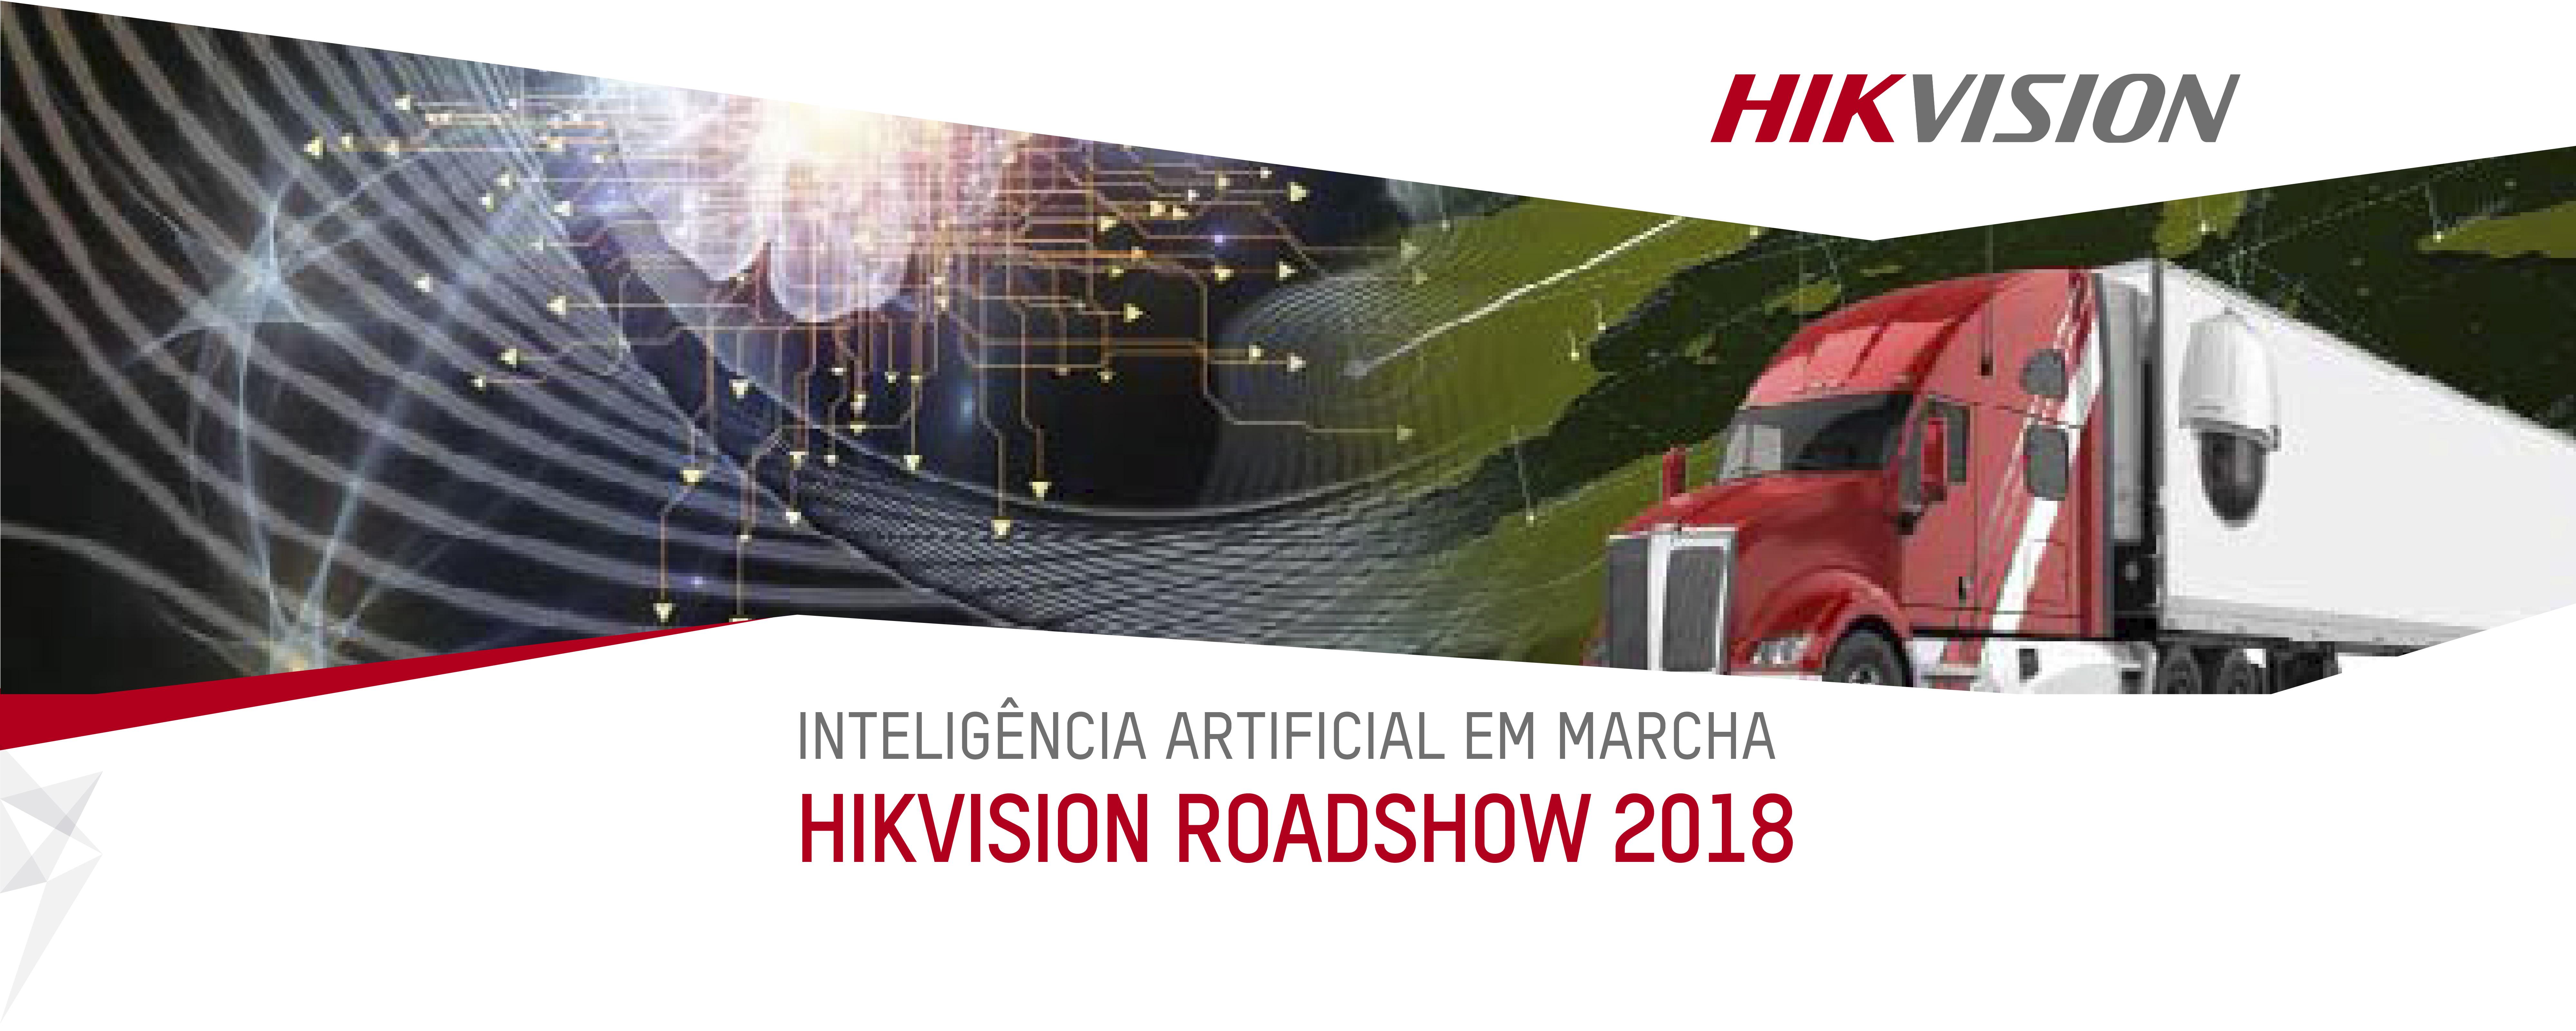 HIKVISION ROADSHOW 2018